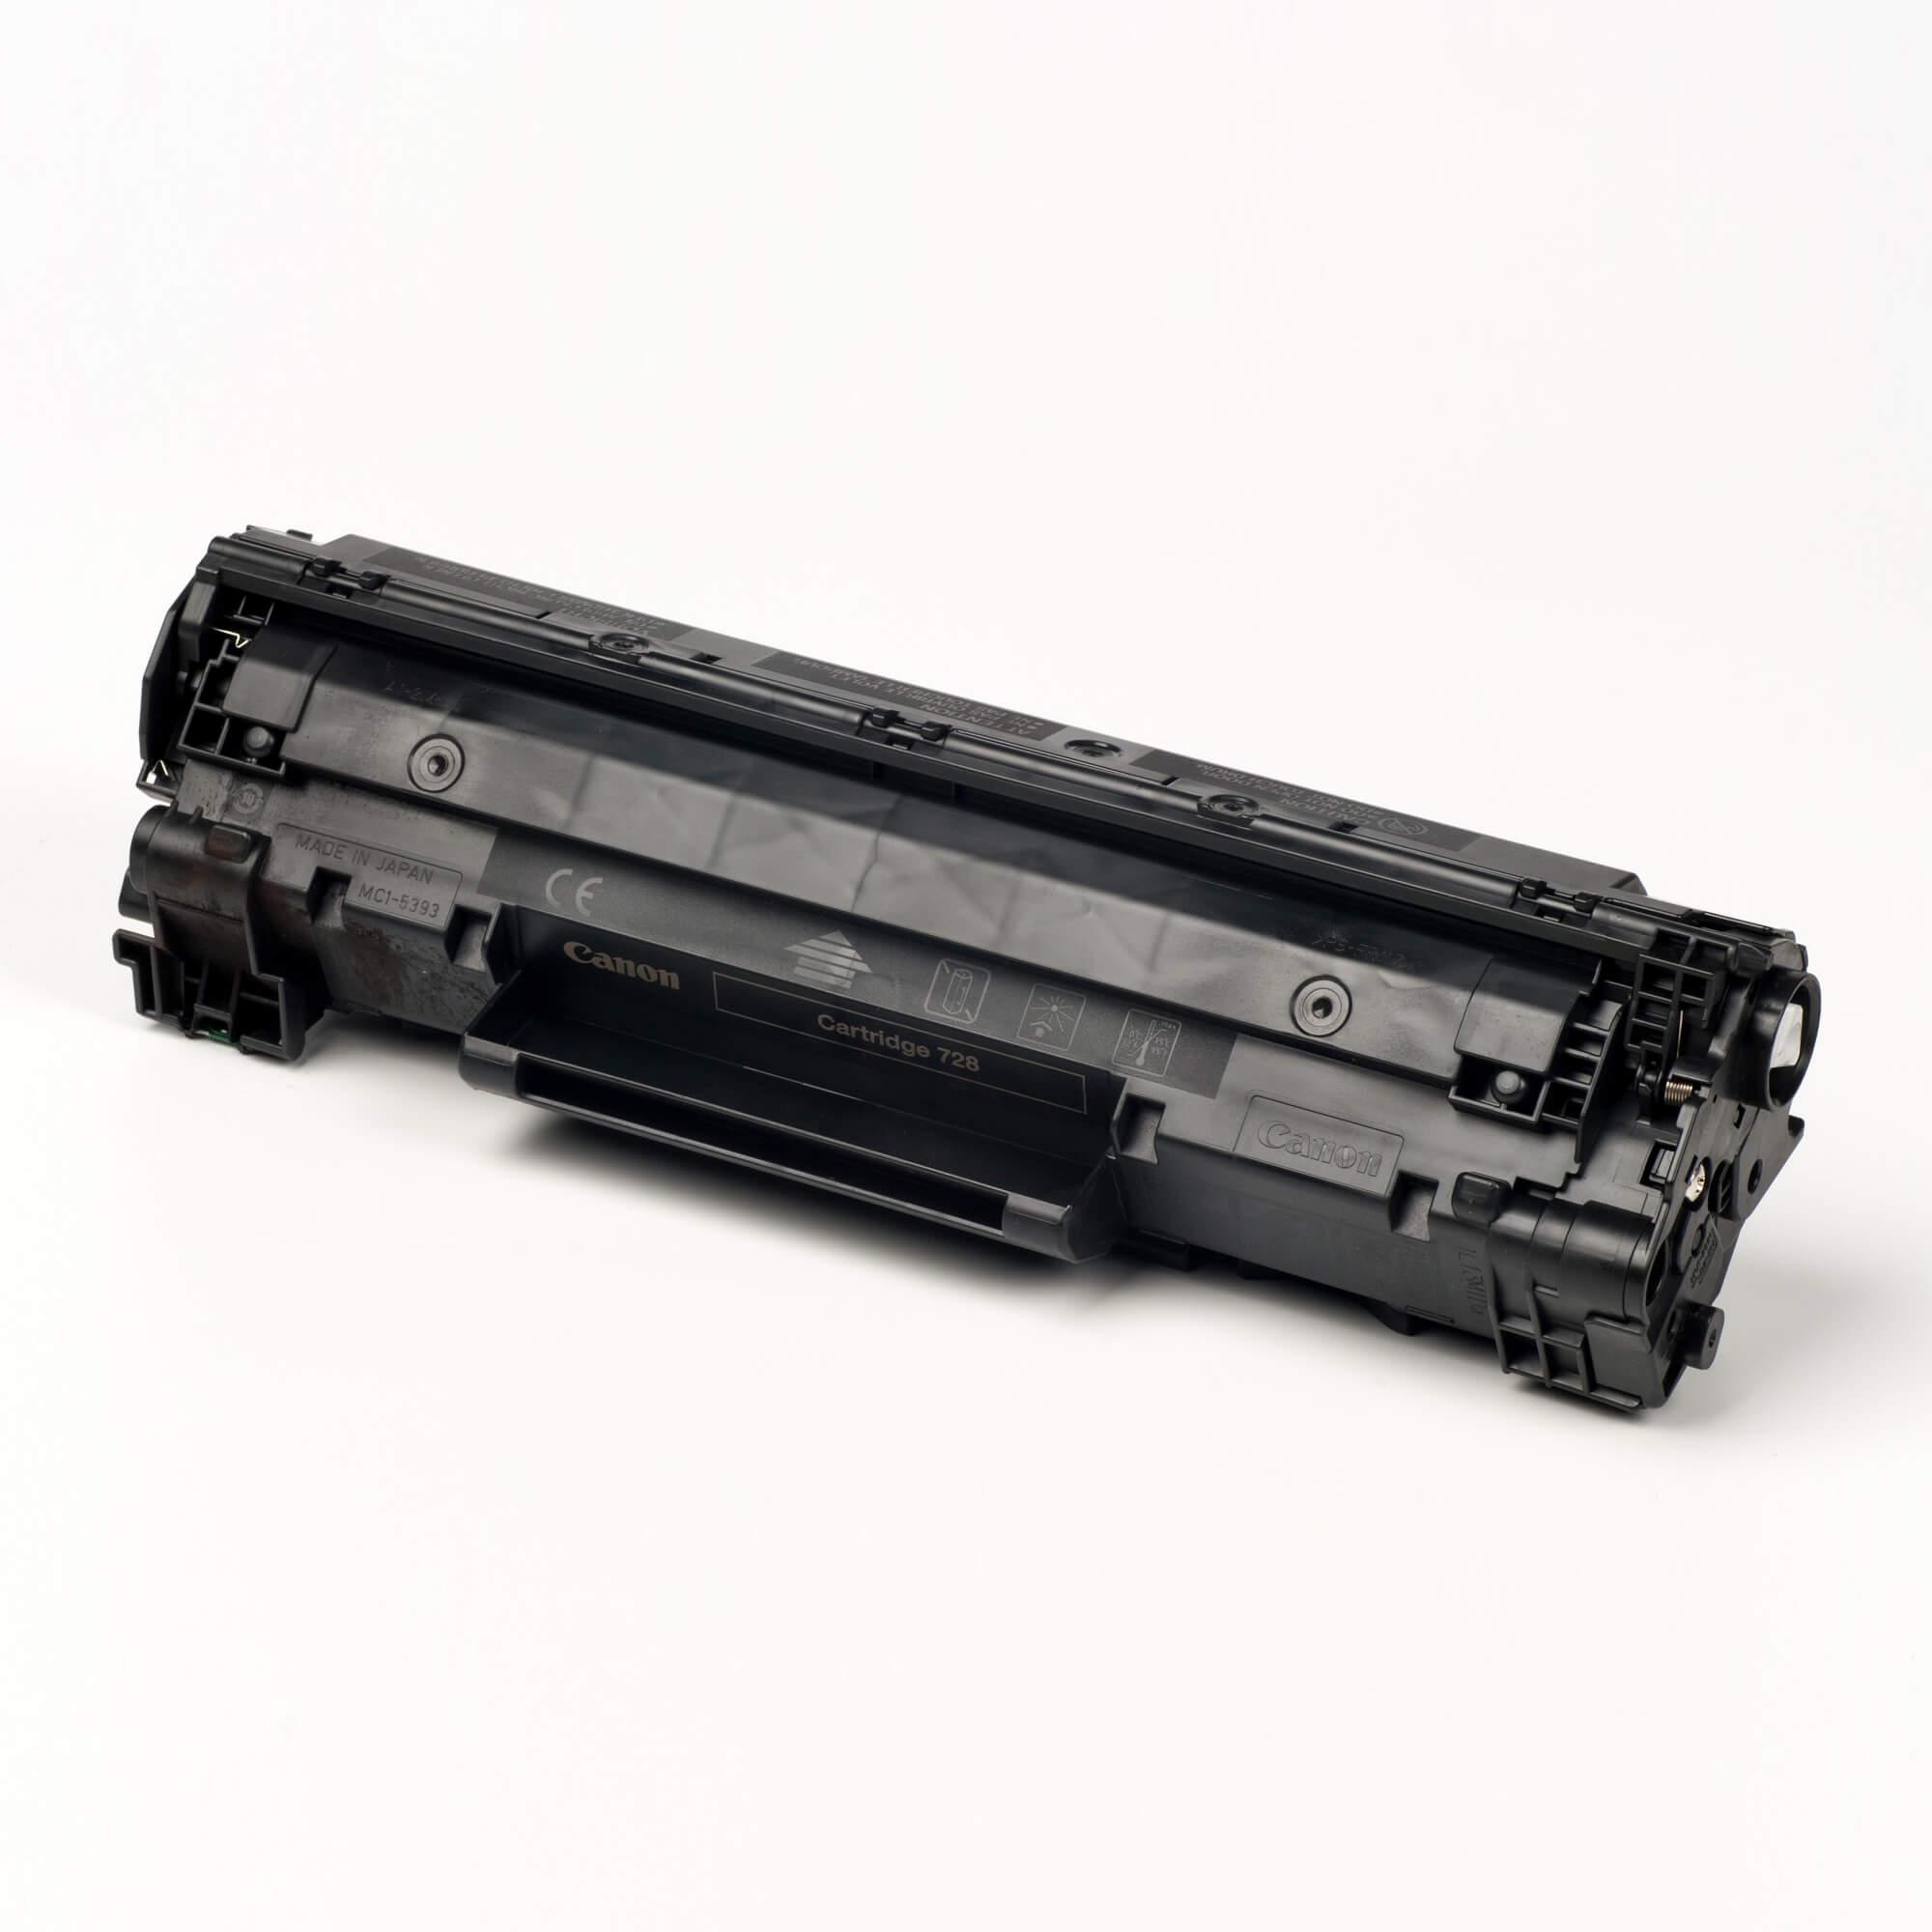 Auf dem Bild sehen Sie eine Canon 3500B002 Cartridge 728 Original Tonerkartusche schwarz